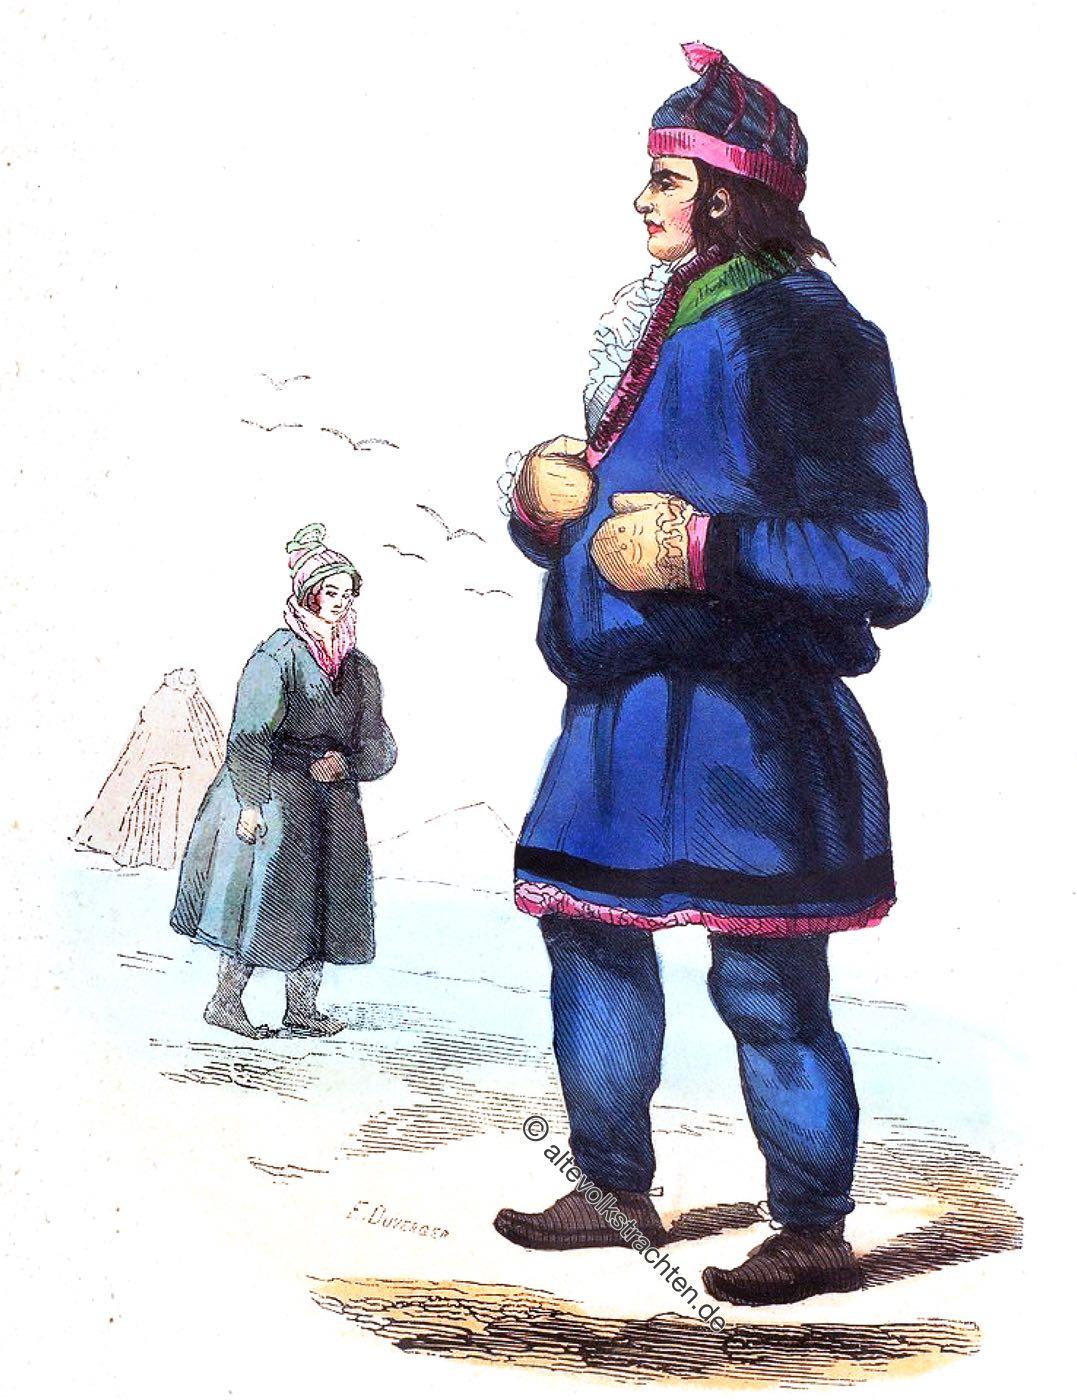 Trachten, Bekleidung, Samen, Lappländer, Sámi people, Lapons, Lapps, Auguste Wahlen